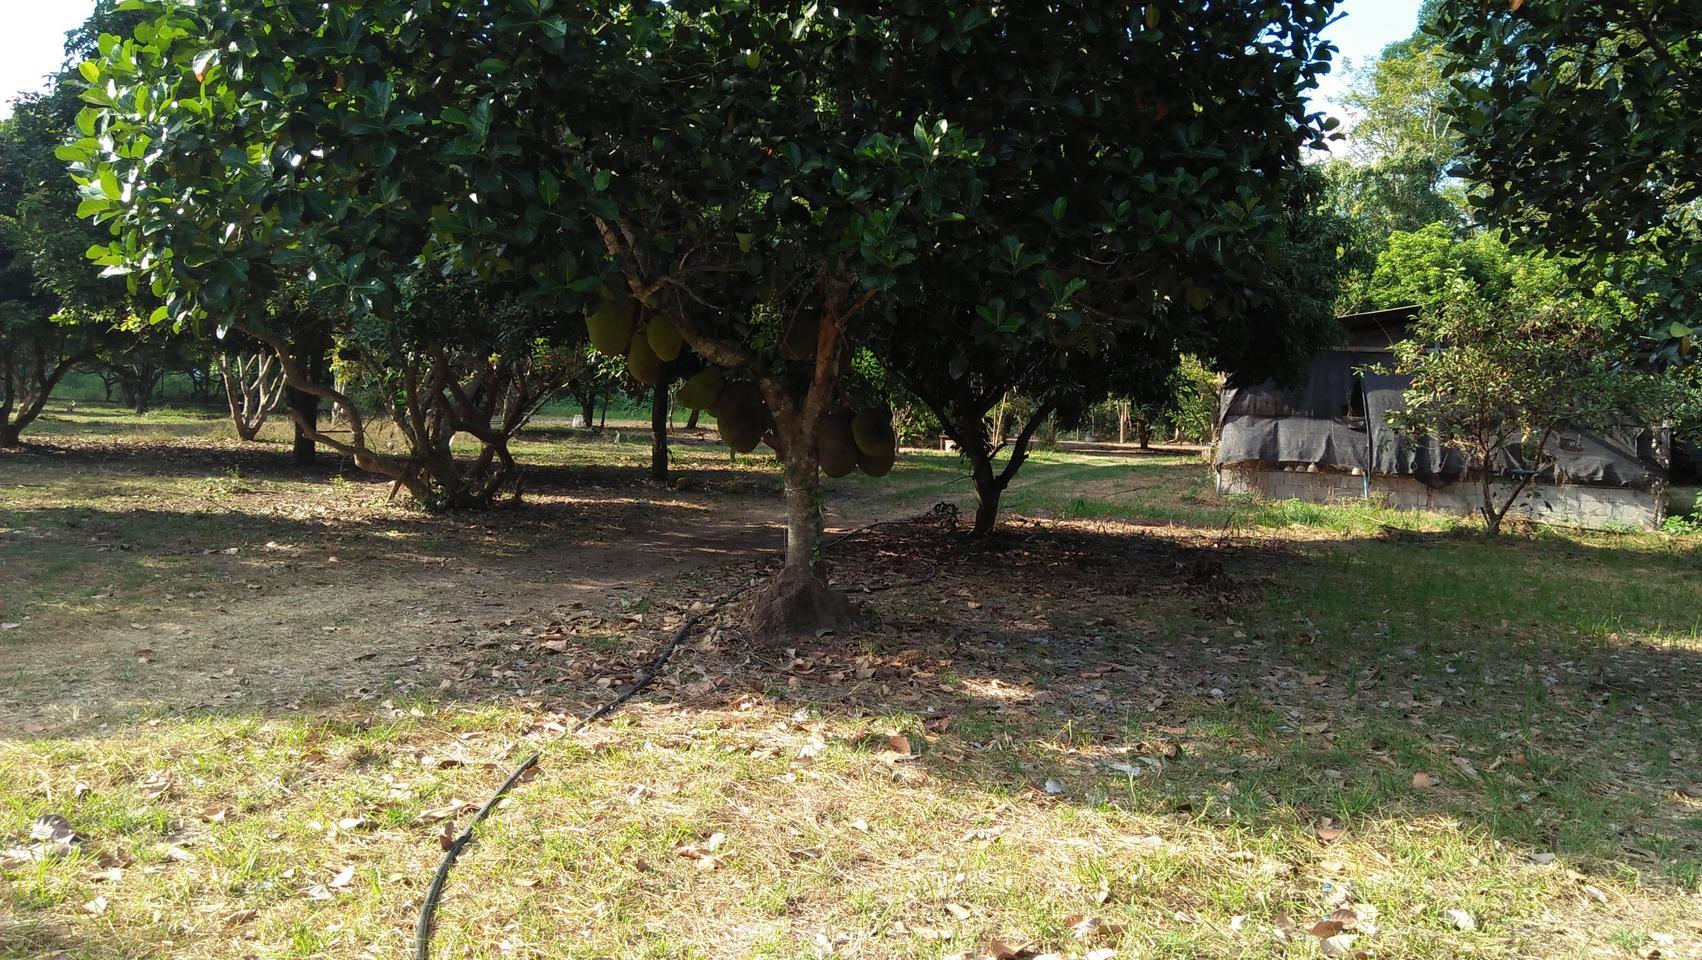 ที่ดินพร้อมสวนขนาดใหญ่ ติดห้วยลำธาร แหล่งธรรมชาติ น่าอยู่มาก รูปที่ 5